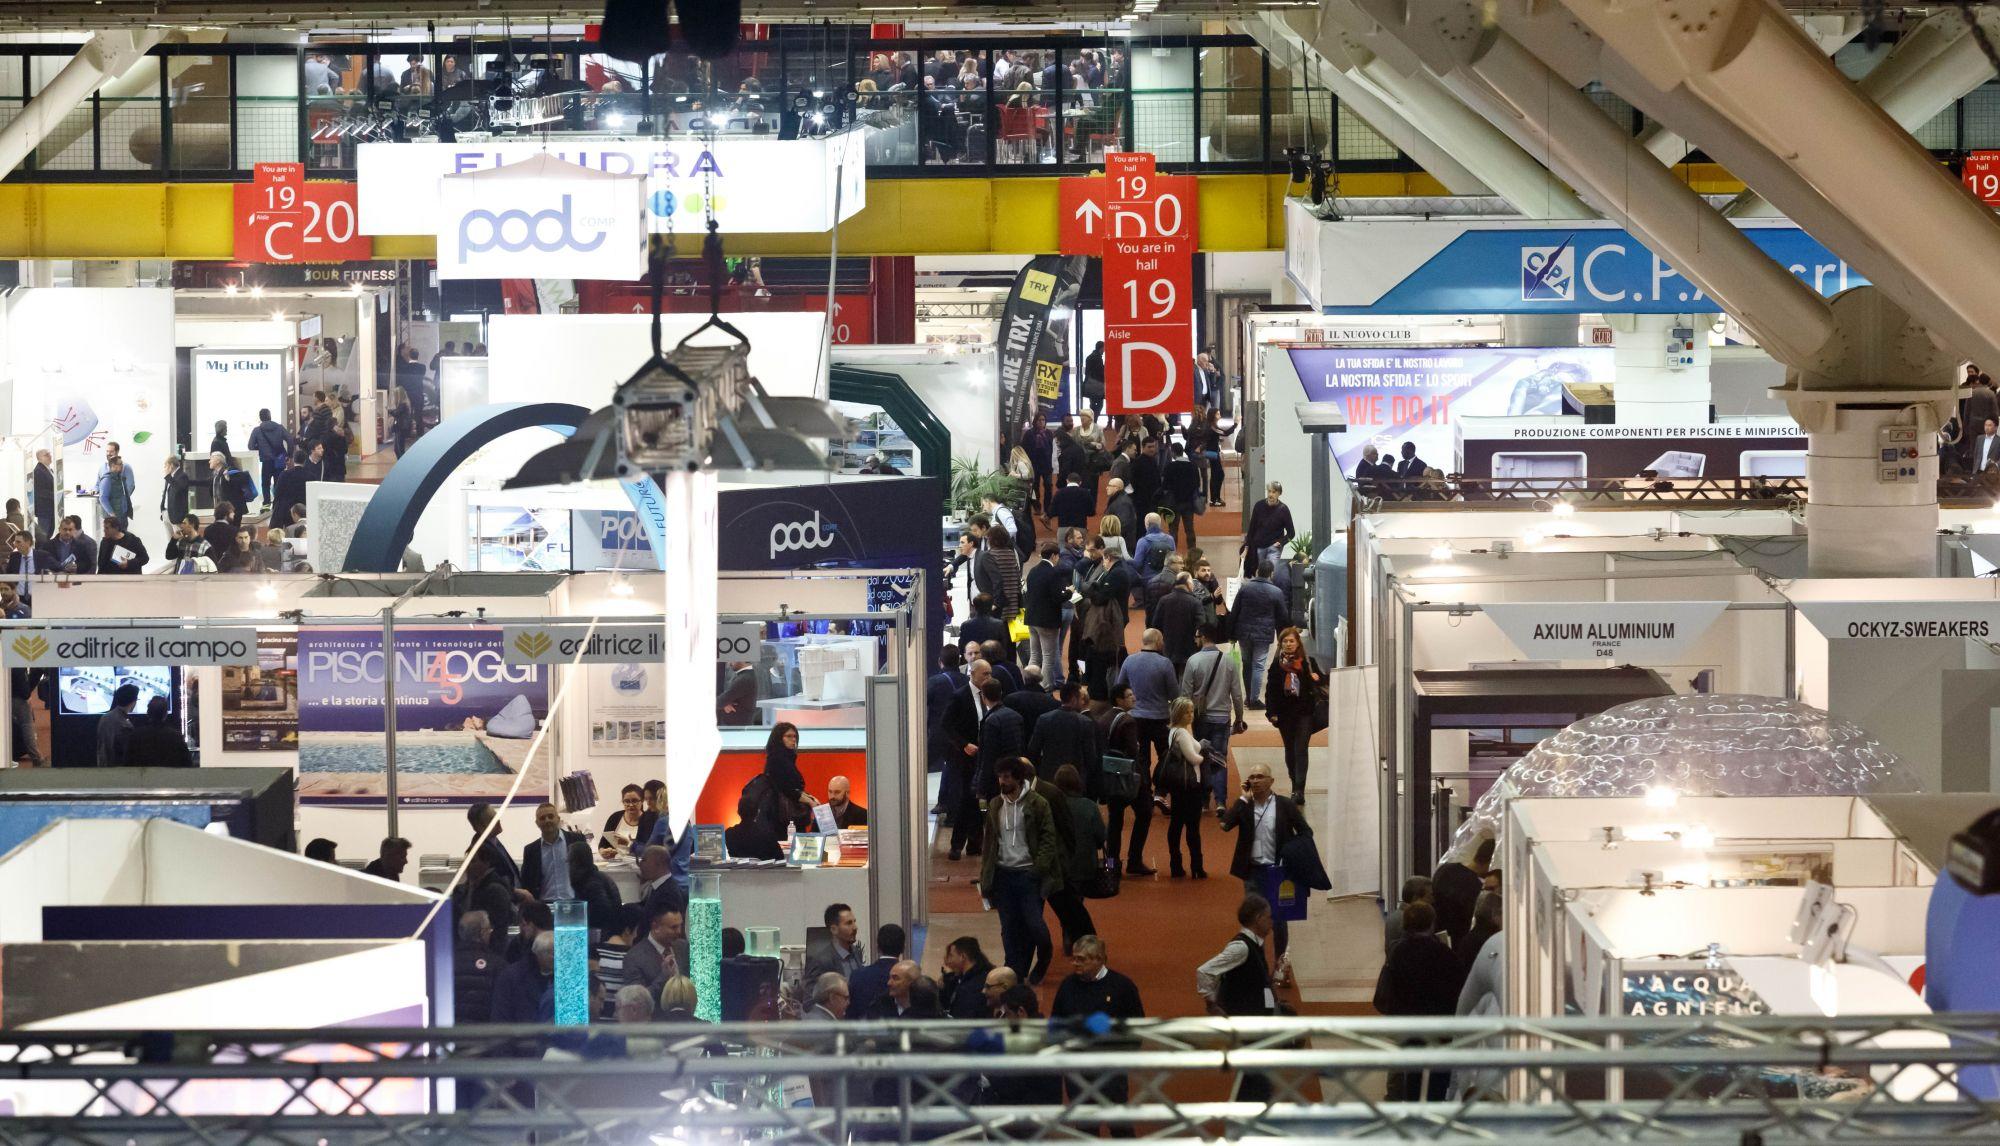 Expo Stand Belgio : Forumpiscine i dati finali parksmania